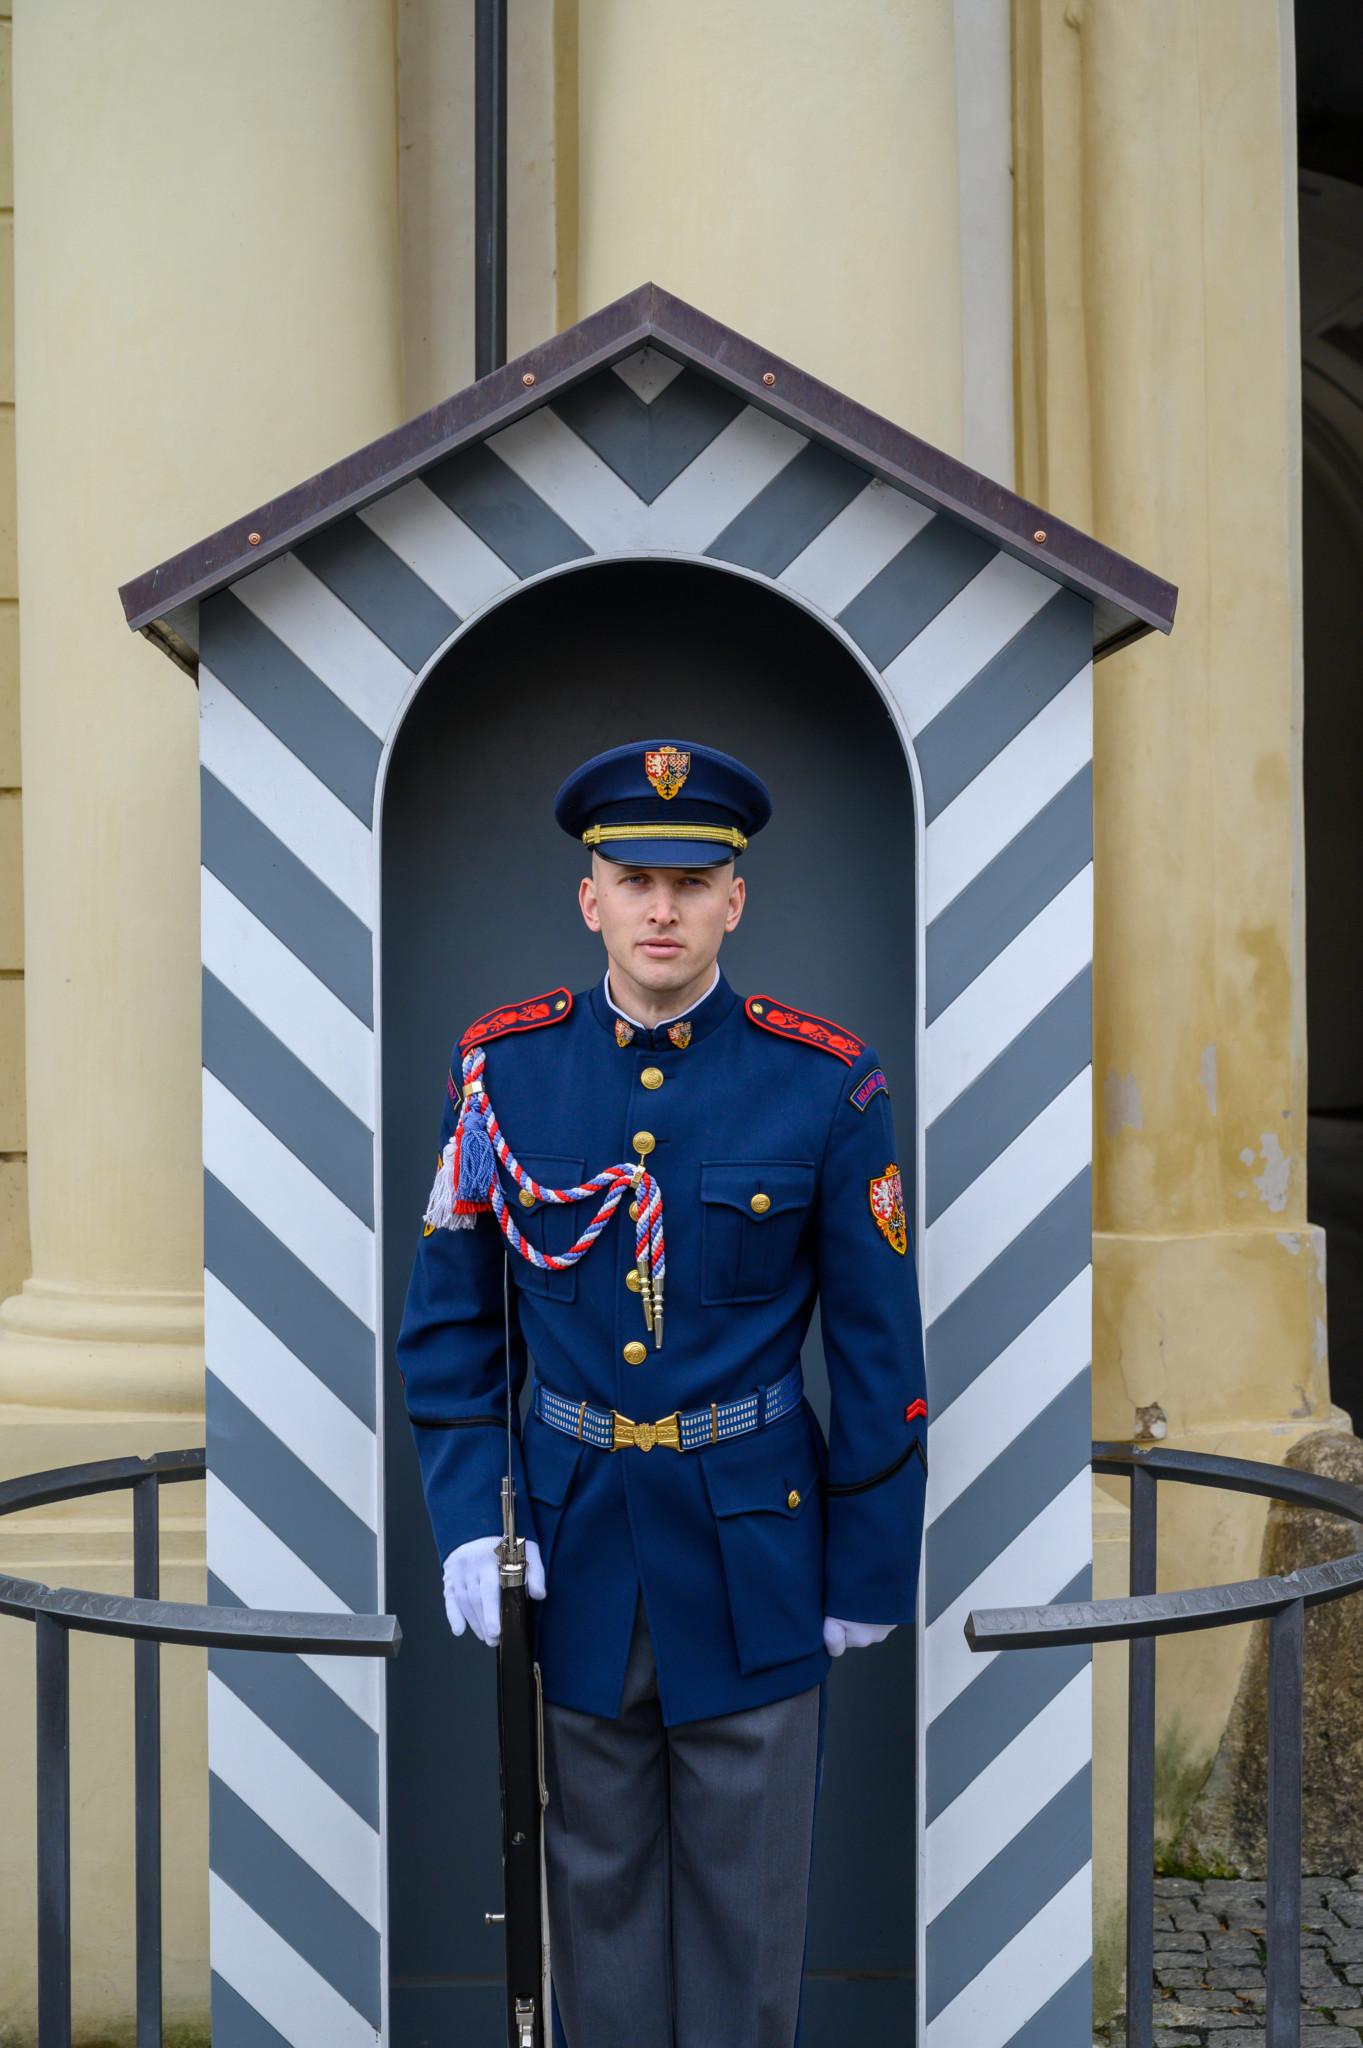 Soldat in der Prager Burg